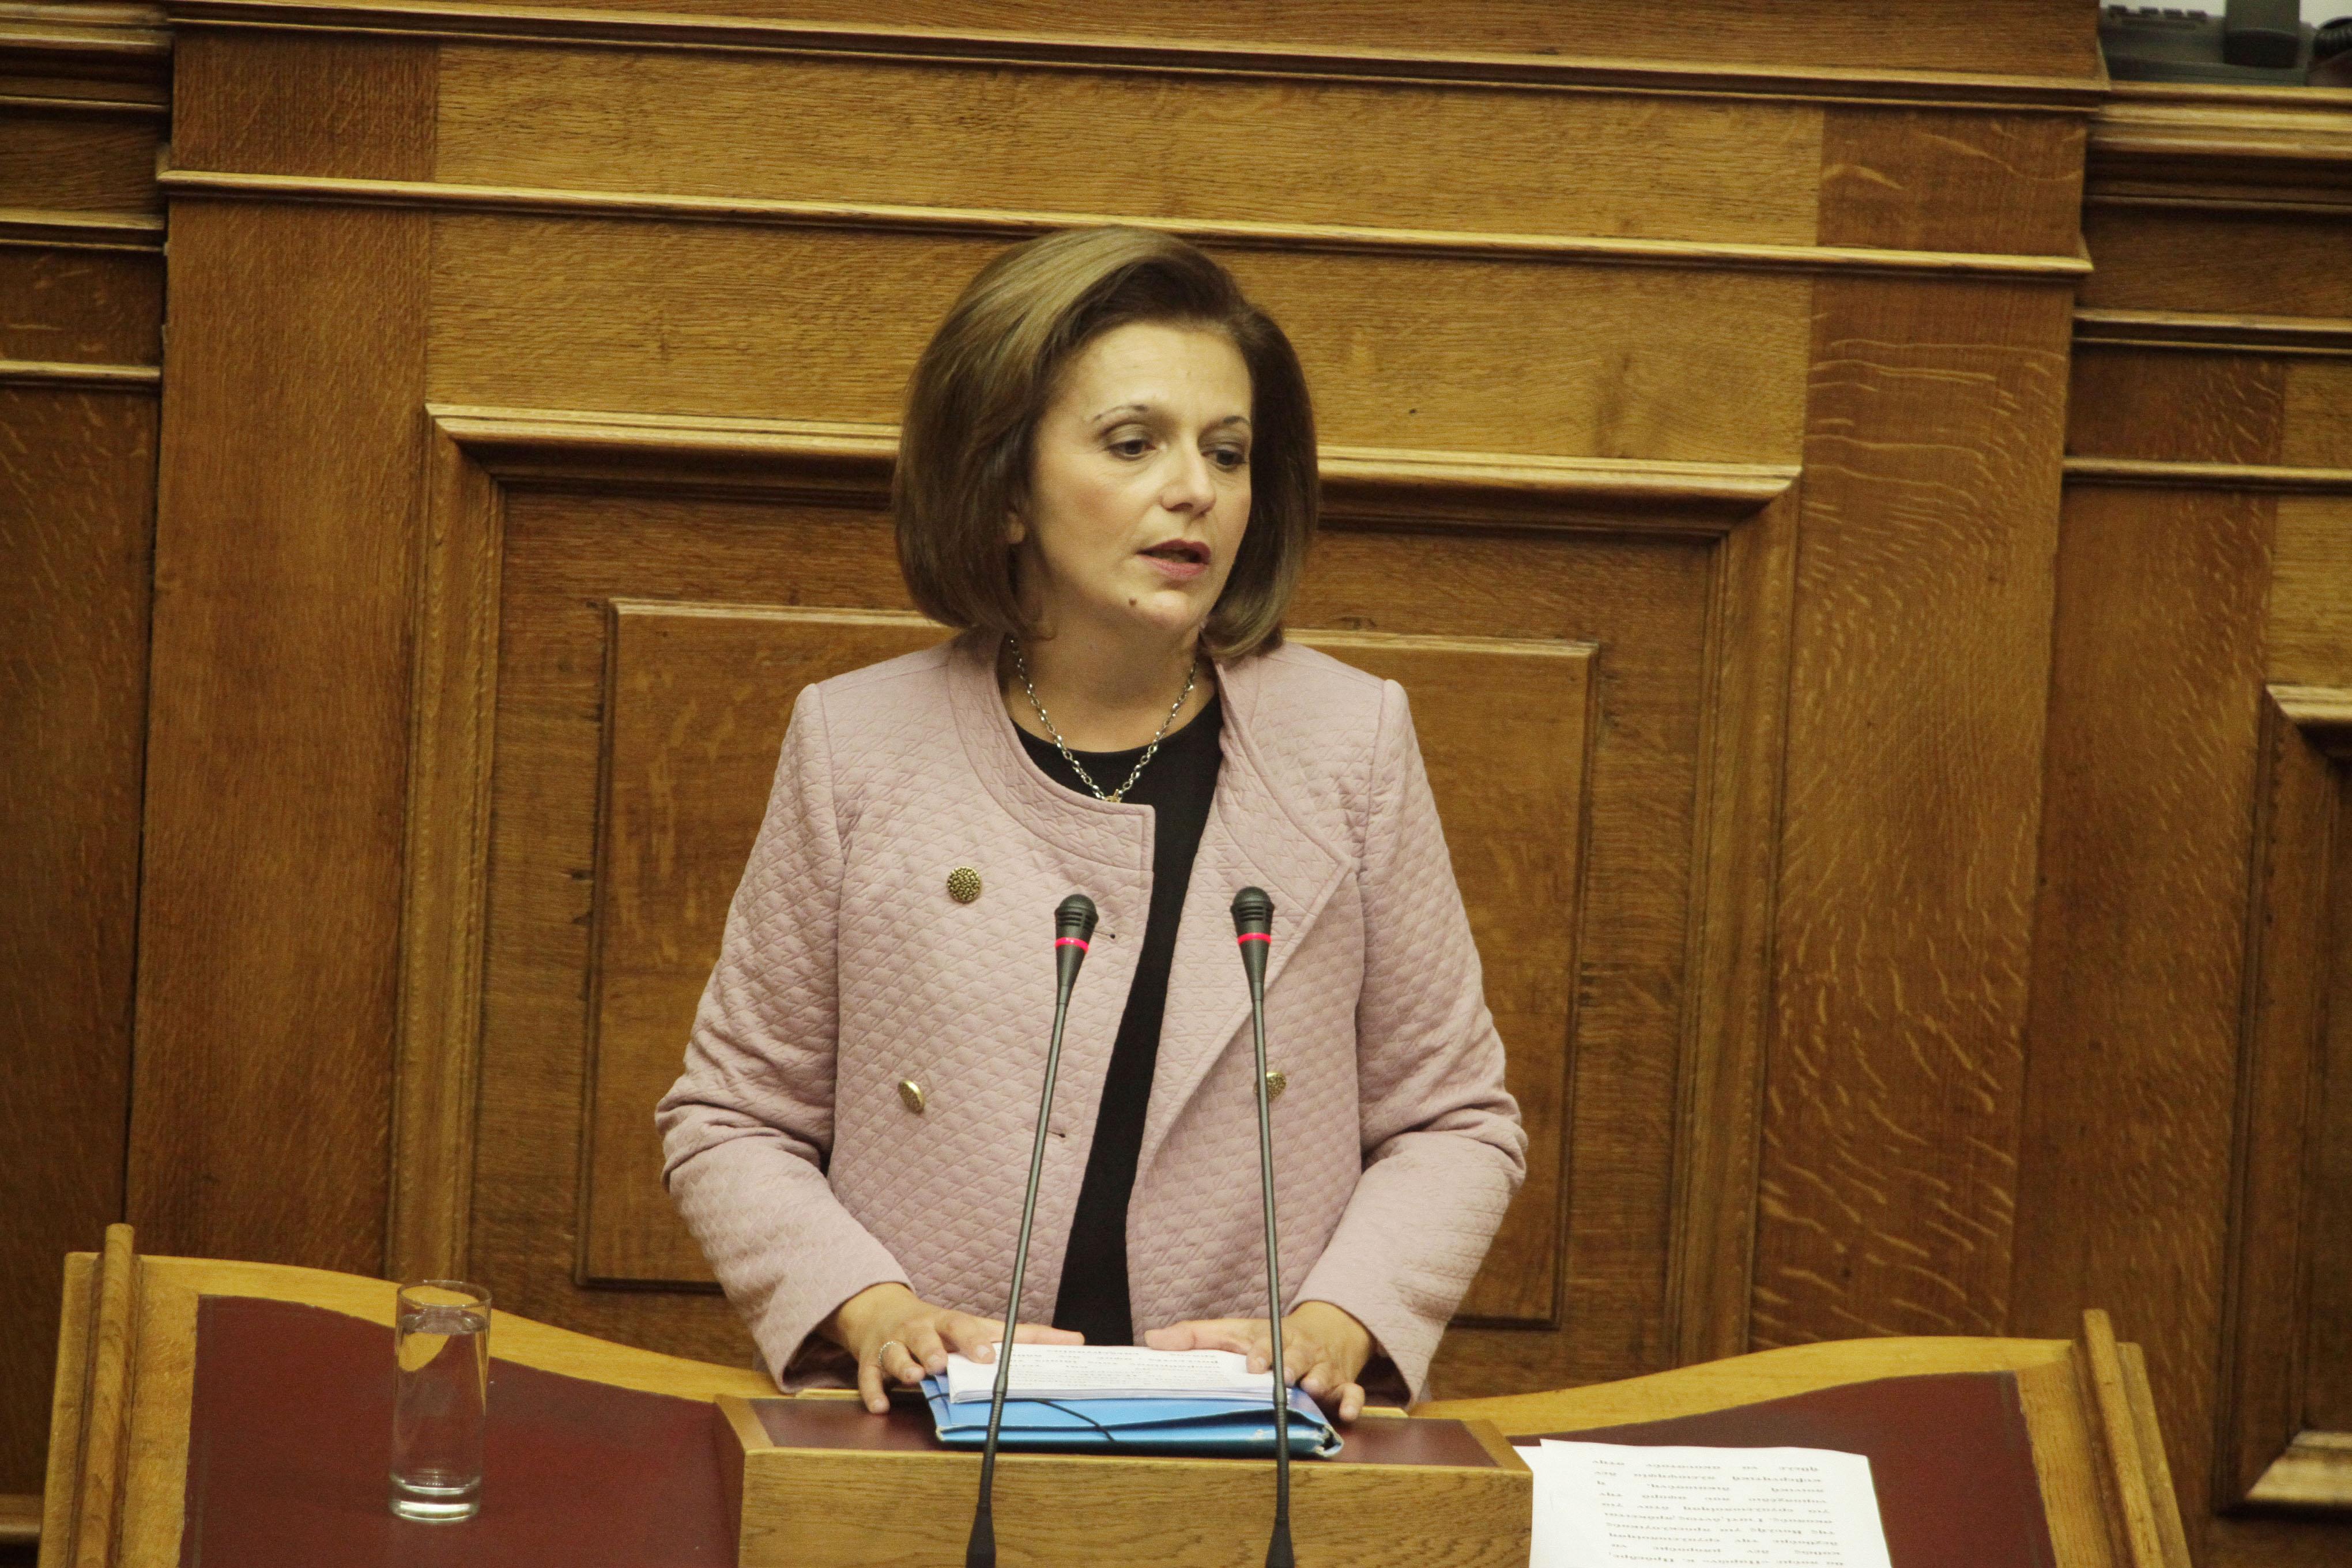 Χρυσοβελώνη: Οι ΑΝΕΛ δεν θα ψηφίσουν μέτρα που πονάνε | tovima.gr